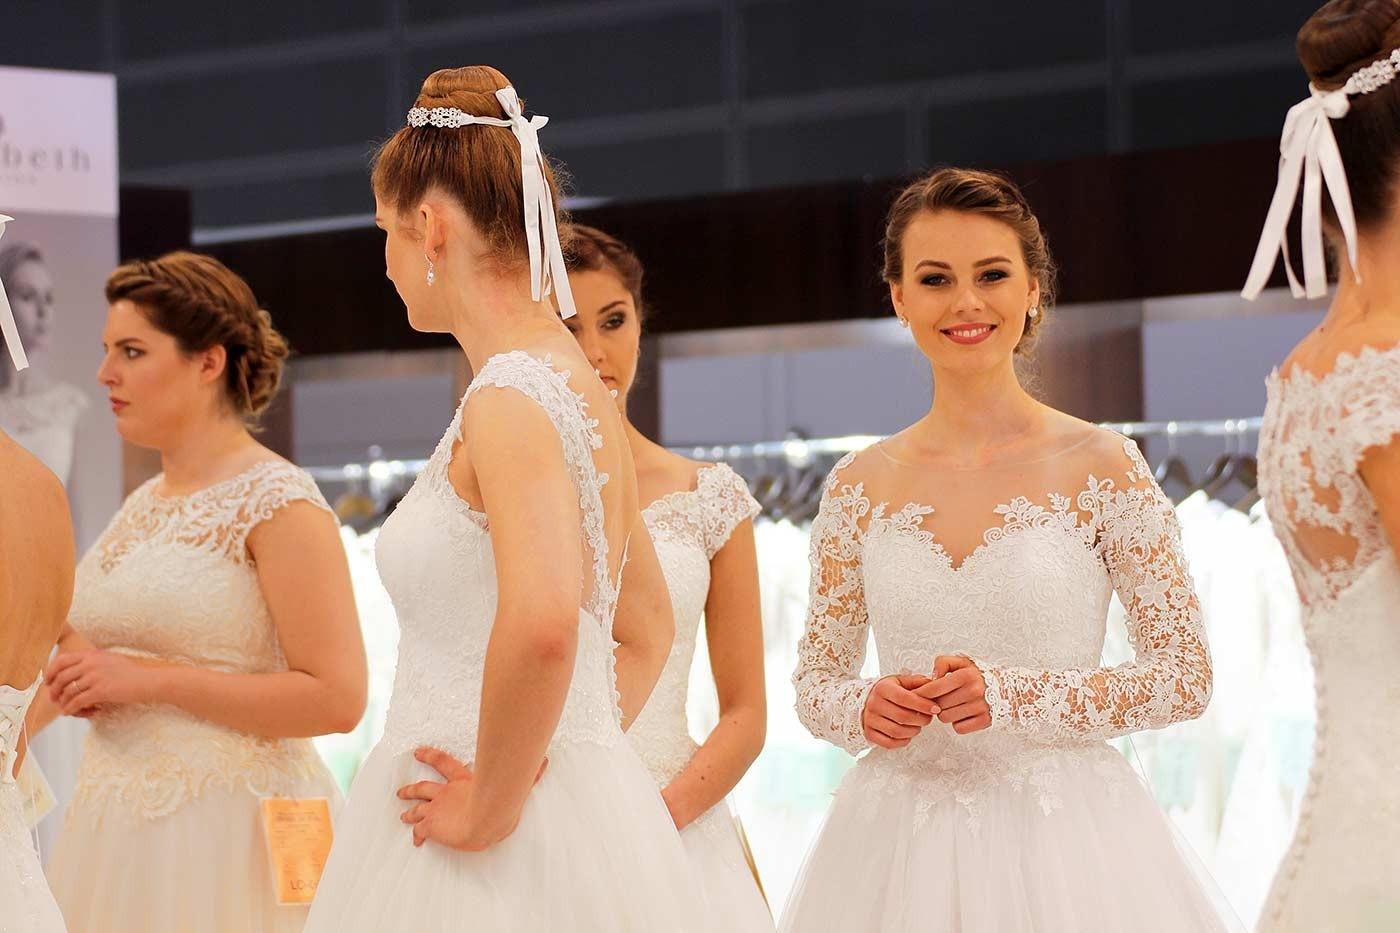 15 Erstaunlich Brautkleider Mode DesignDesigner Schön Brautkleider Mode Vertrieb